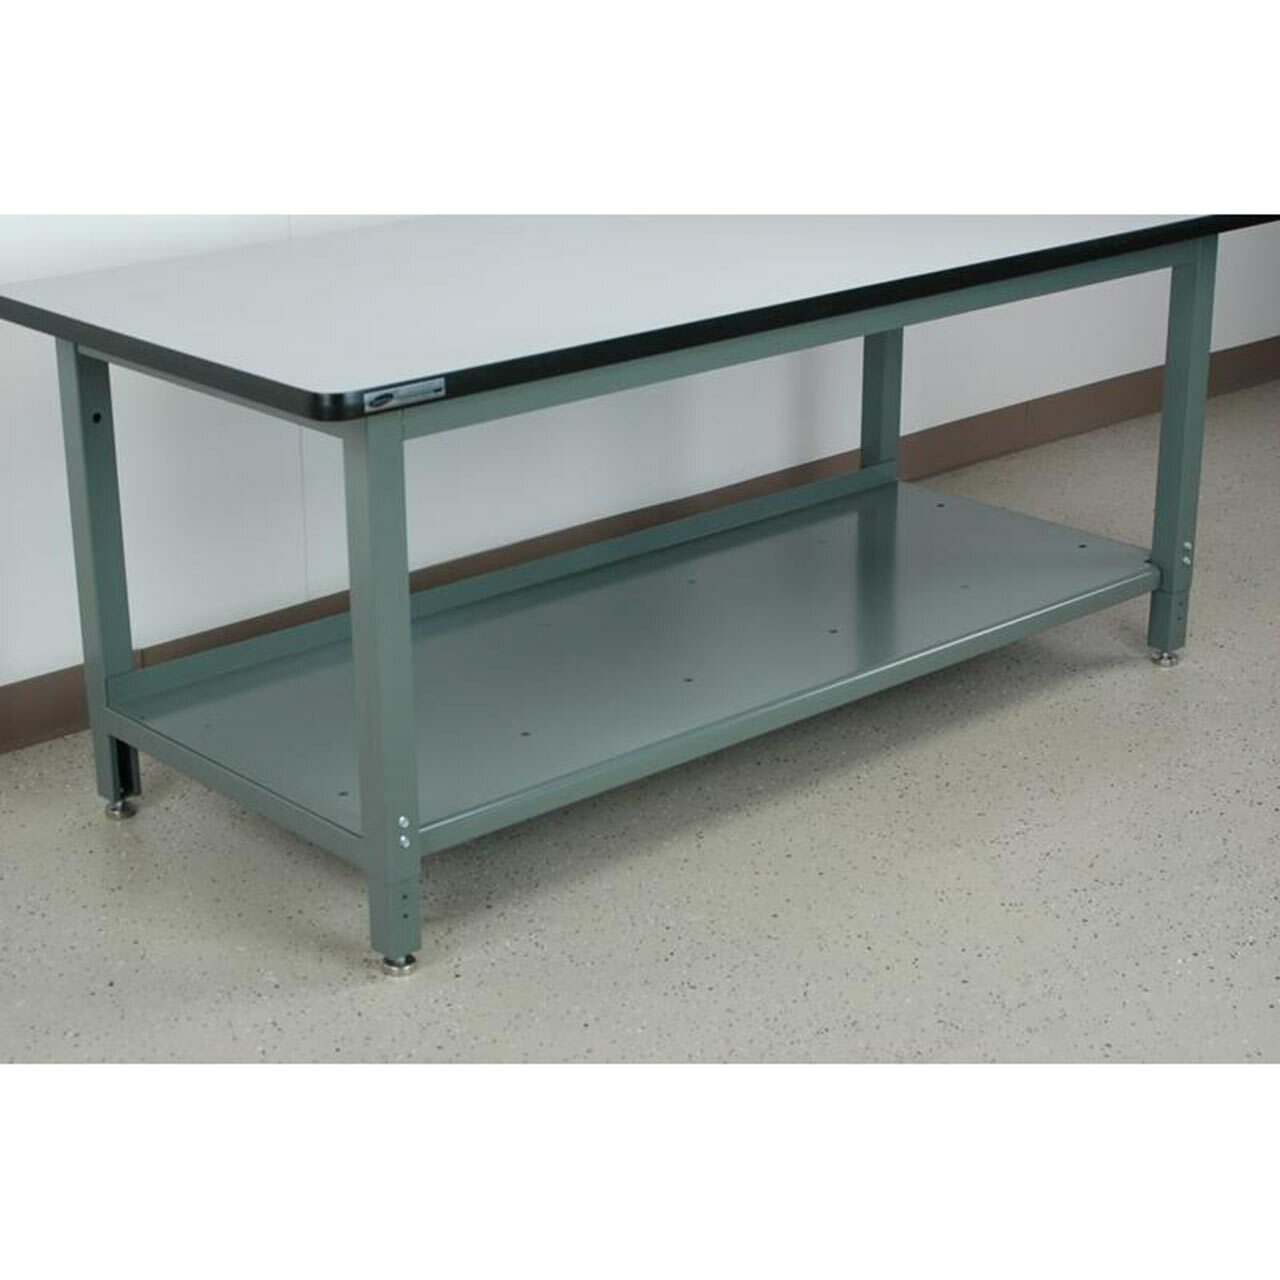 Workbench Bottom Shelf Full